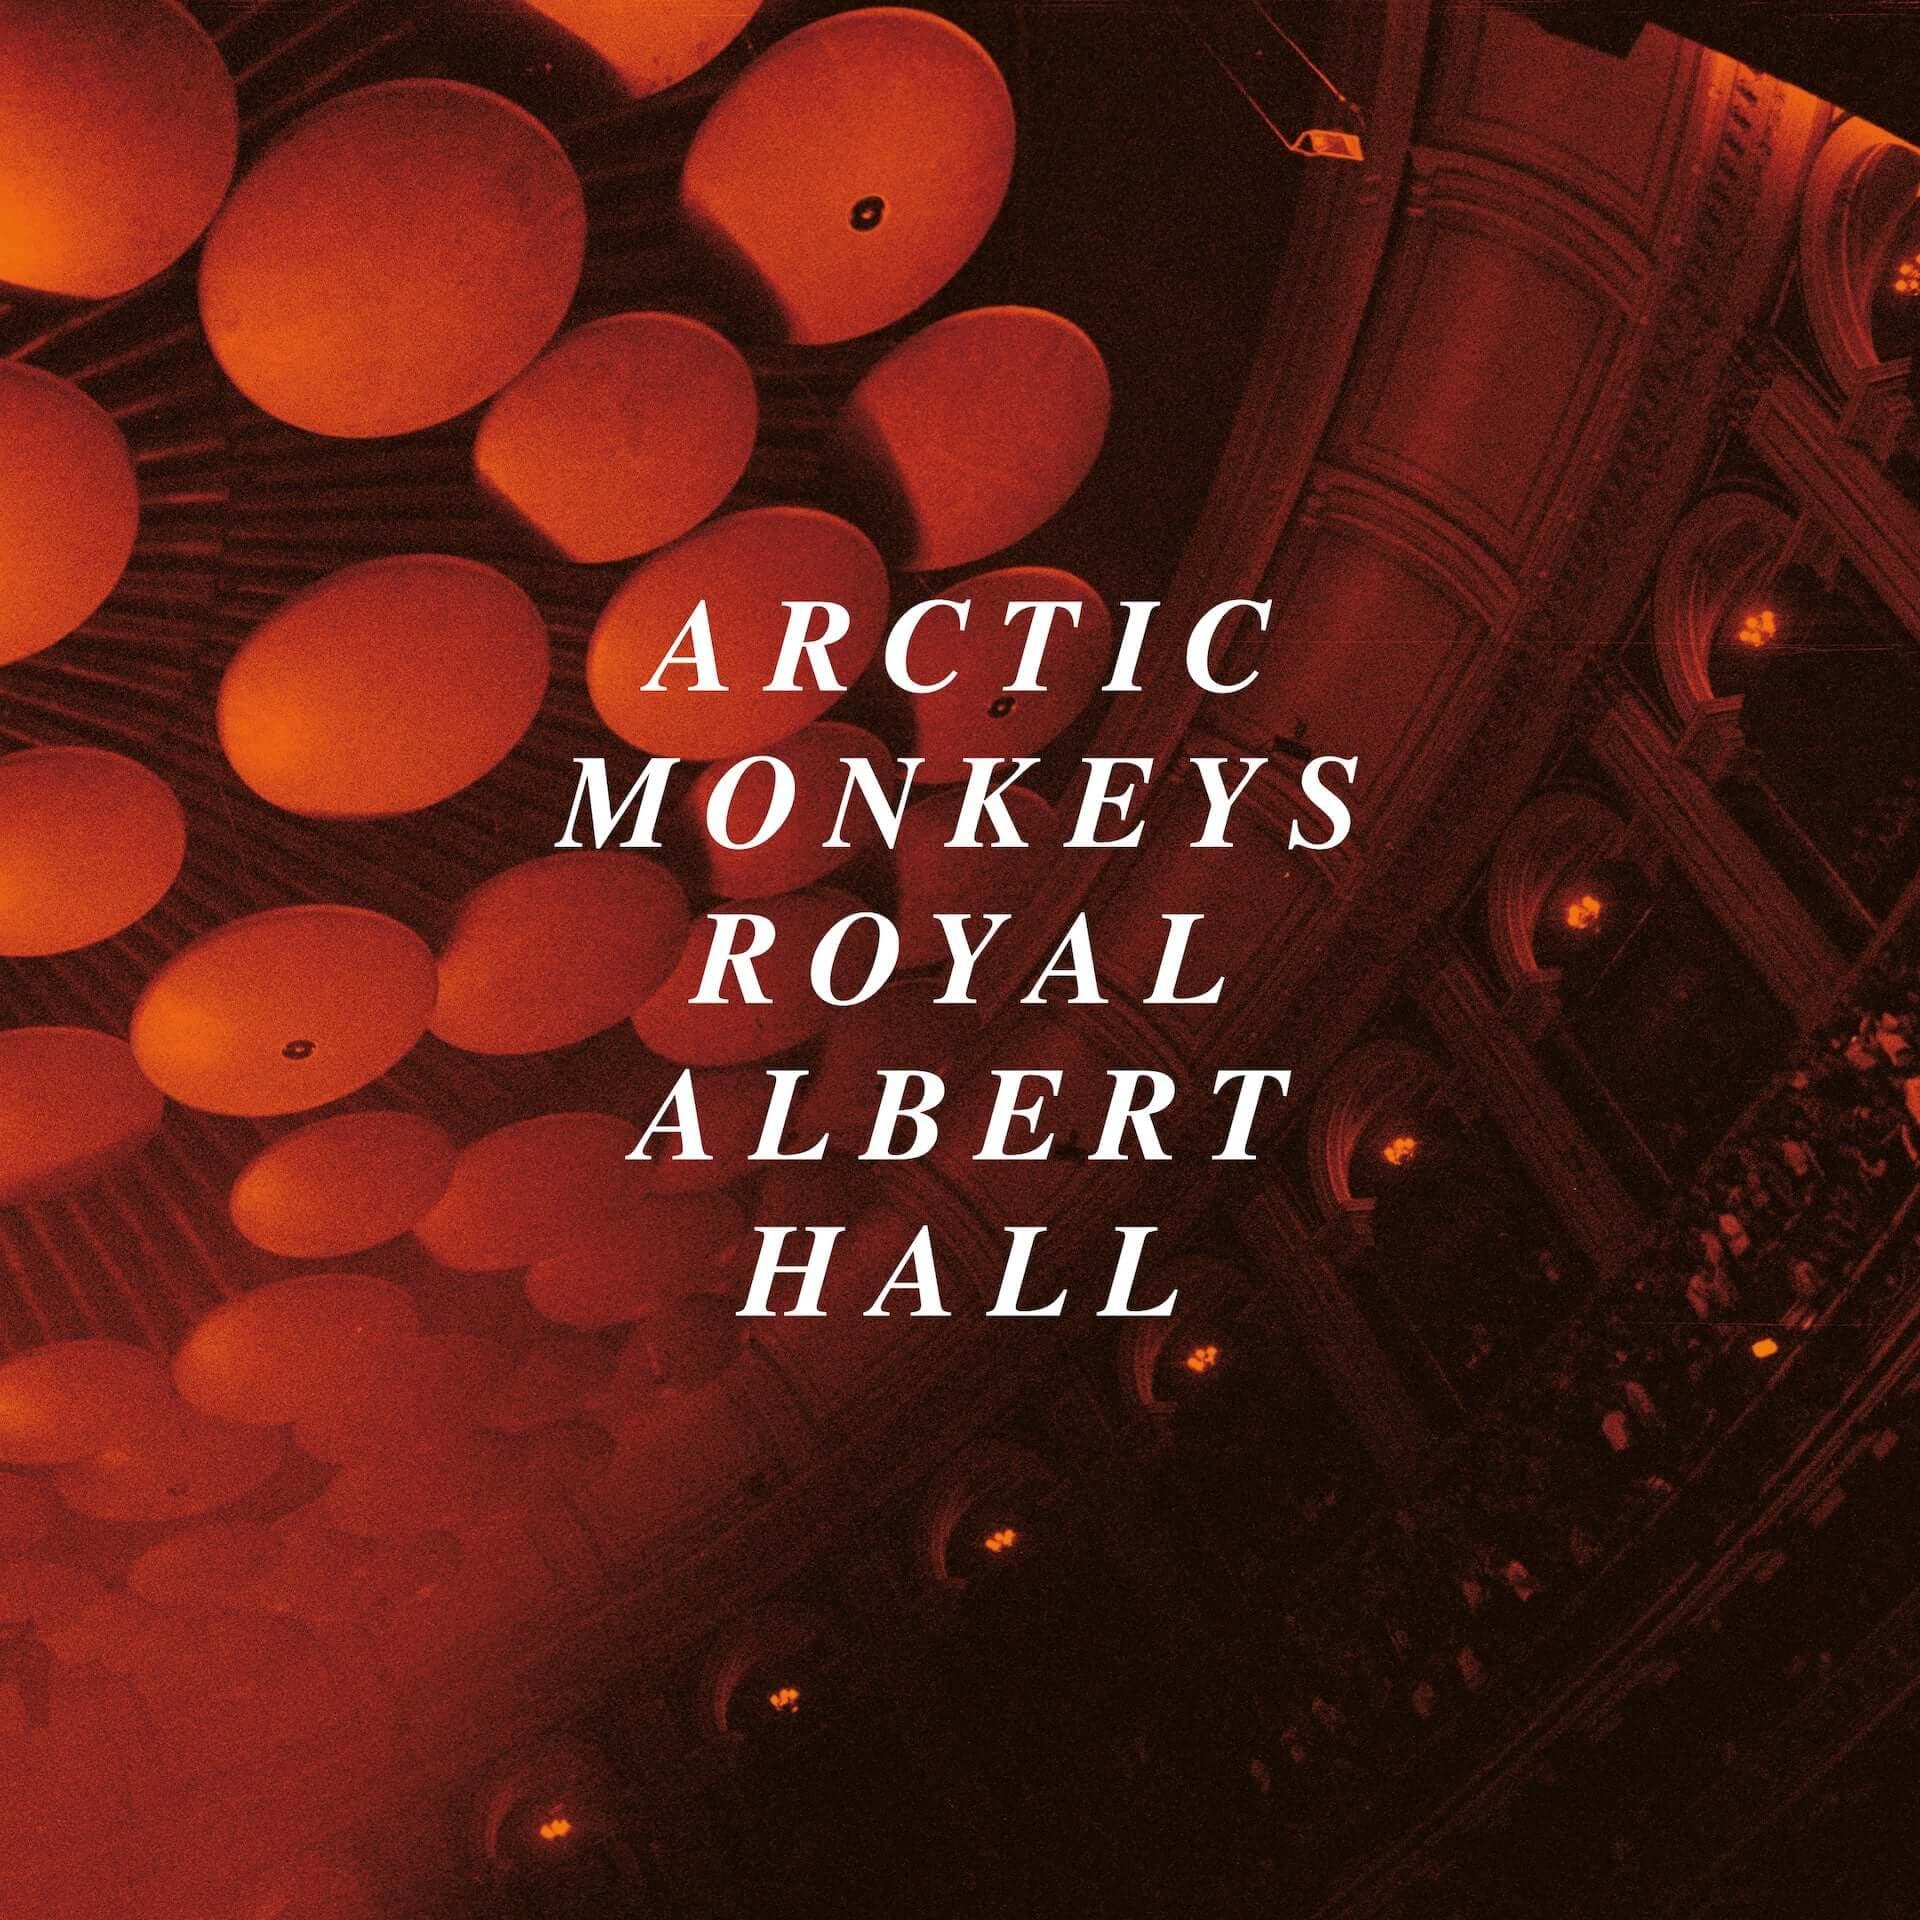 Arctic Monkeysが20曲入りのライブアルバム『Live At The Royal Albert Hall』をリリース決定!収益は全て慈善団体「War Child UK」に寄付 music201030_arctic-monkeys_1-1920x1920